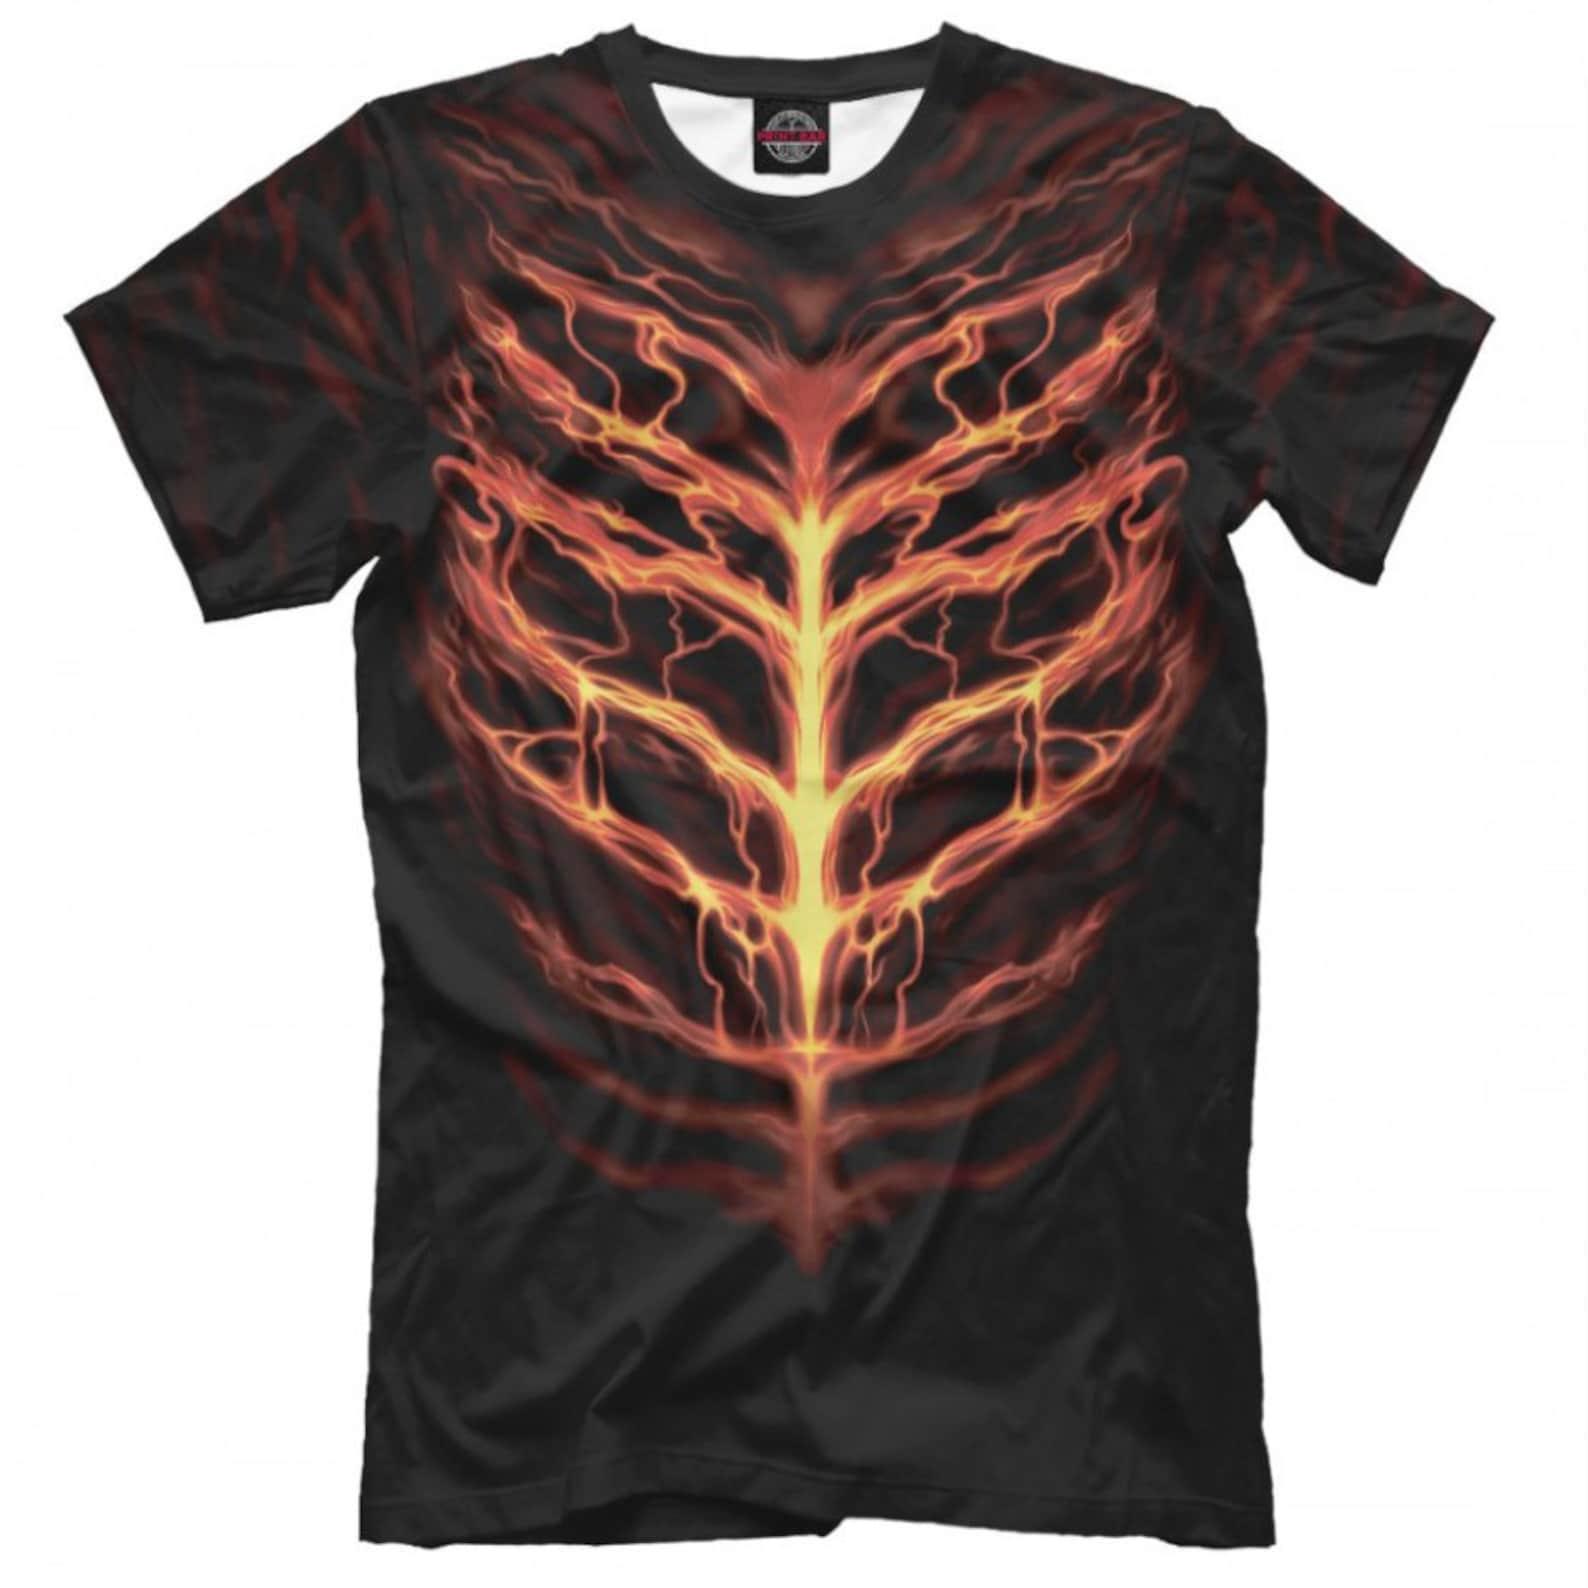 Feurige Brust Grafik T-Shirt Herren Damen alle Größen   Etsy